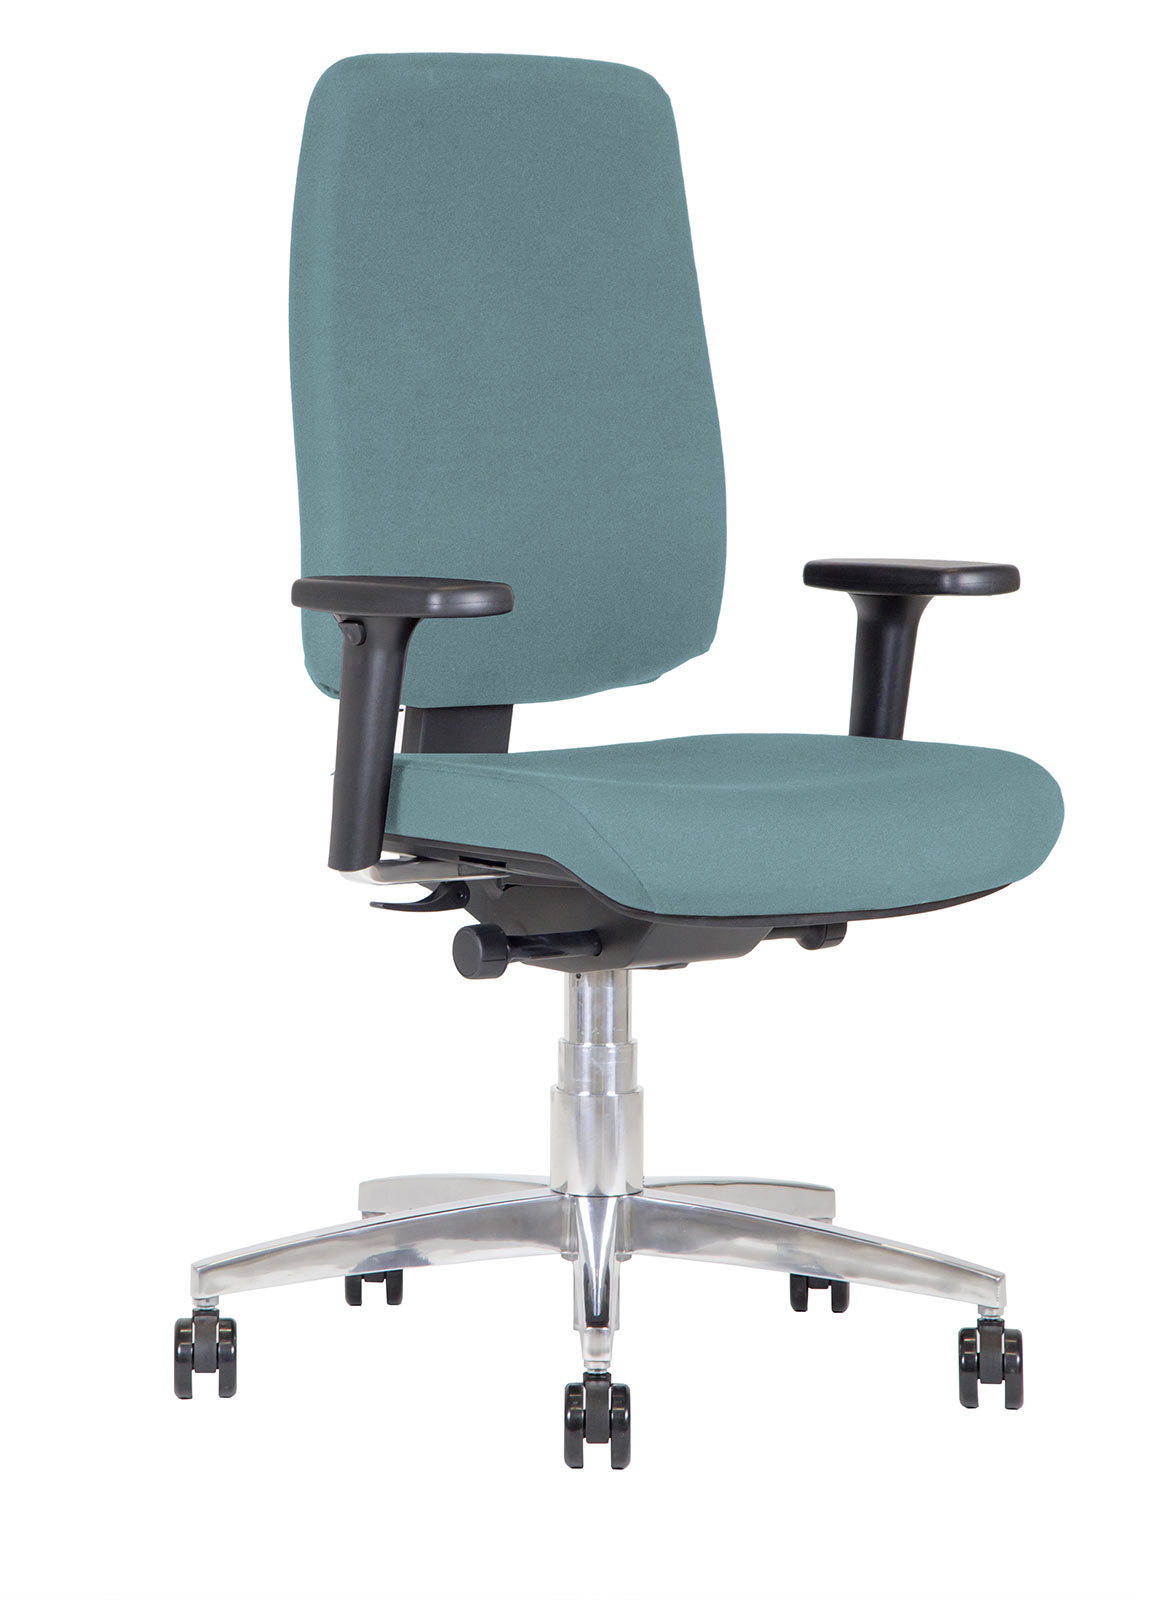 Sedia girevole ufficio BB131 Kleos